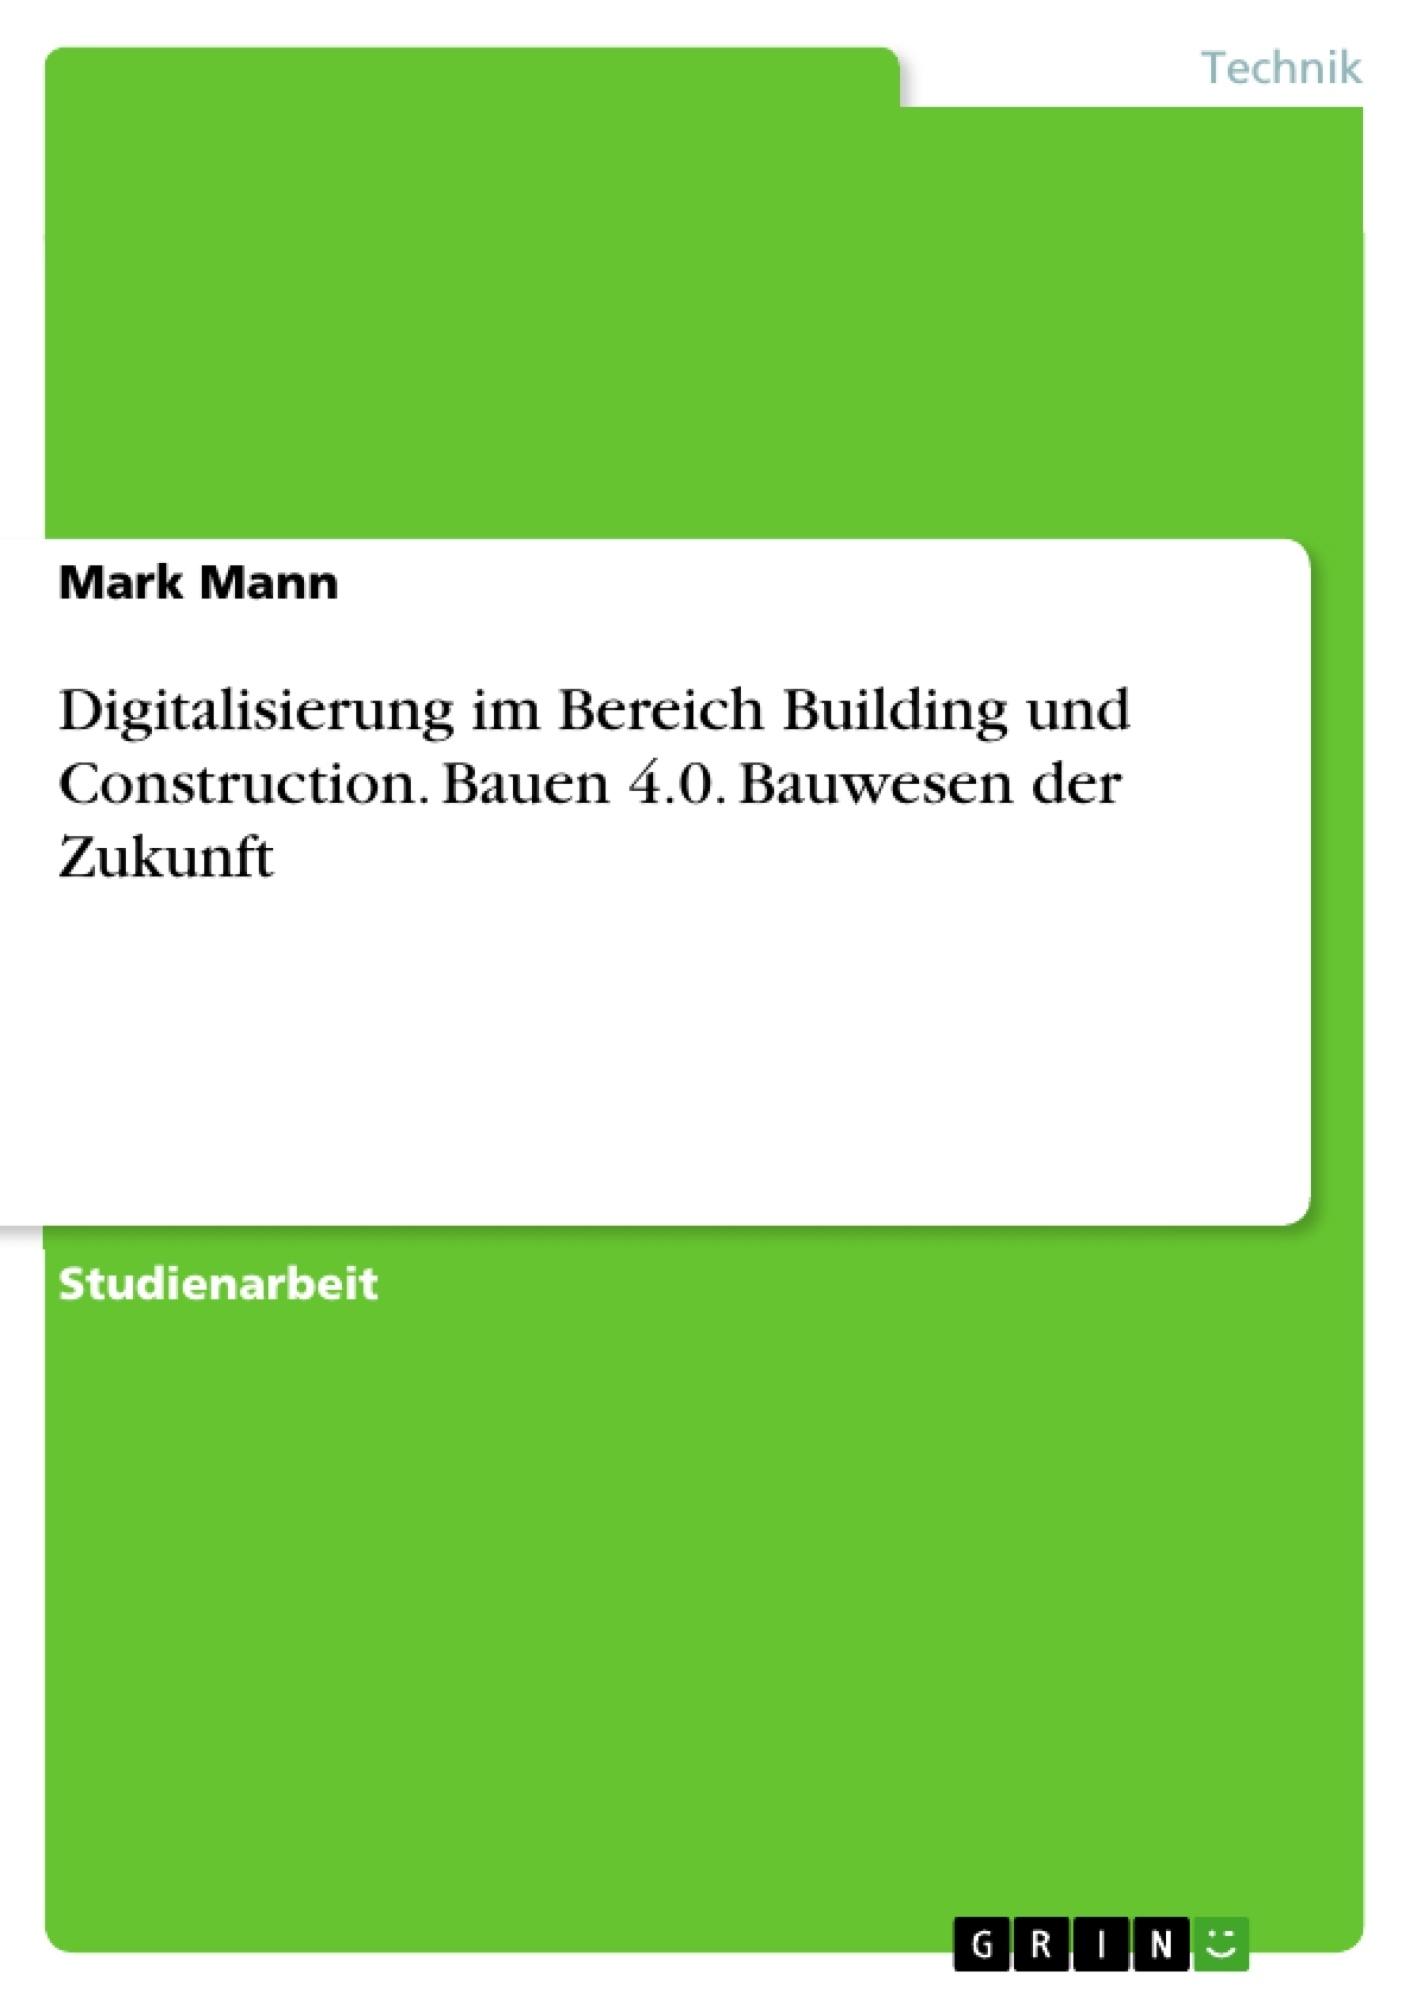 Titel: Digitalisierung im Bereich Building und Construction. Bauen 4.0. Bauwesen der Zukunft